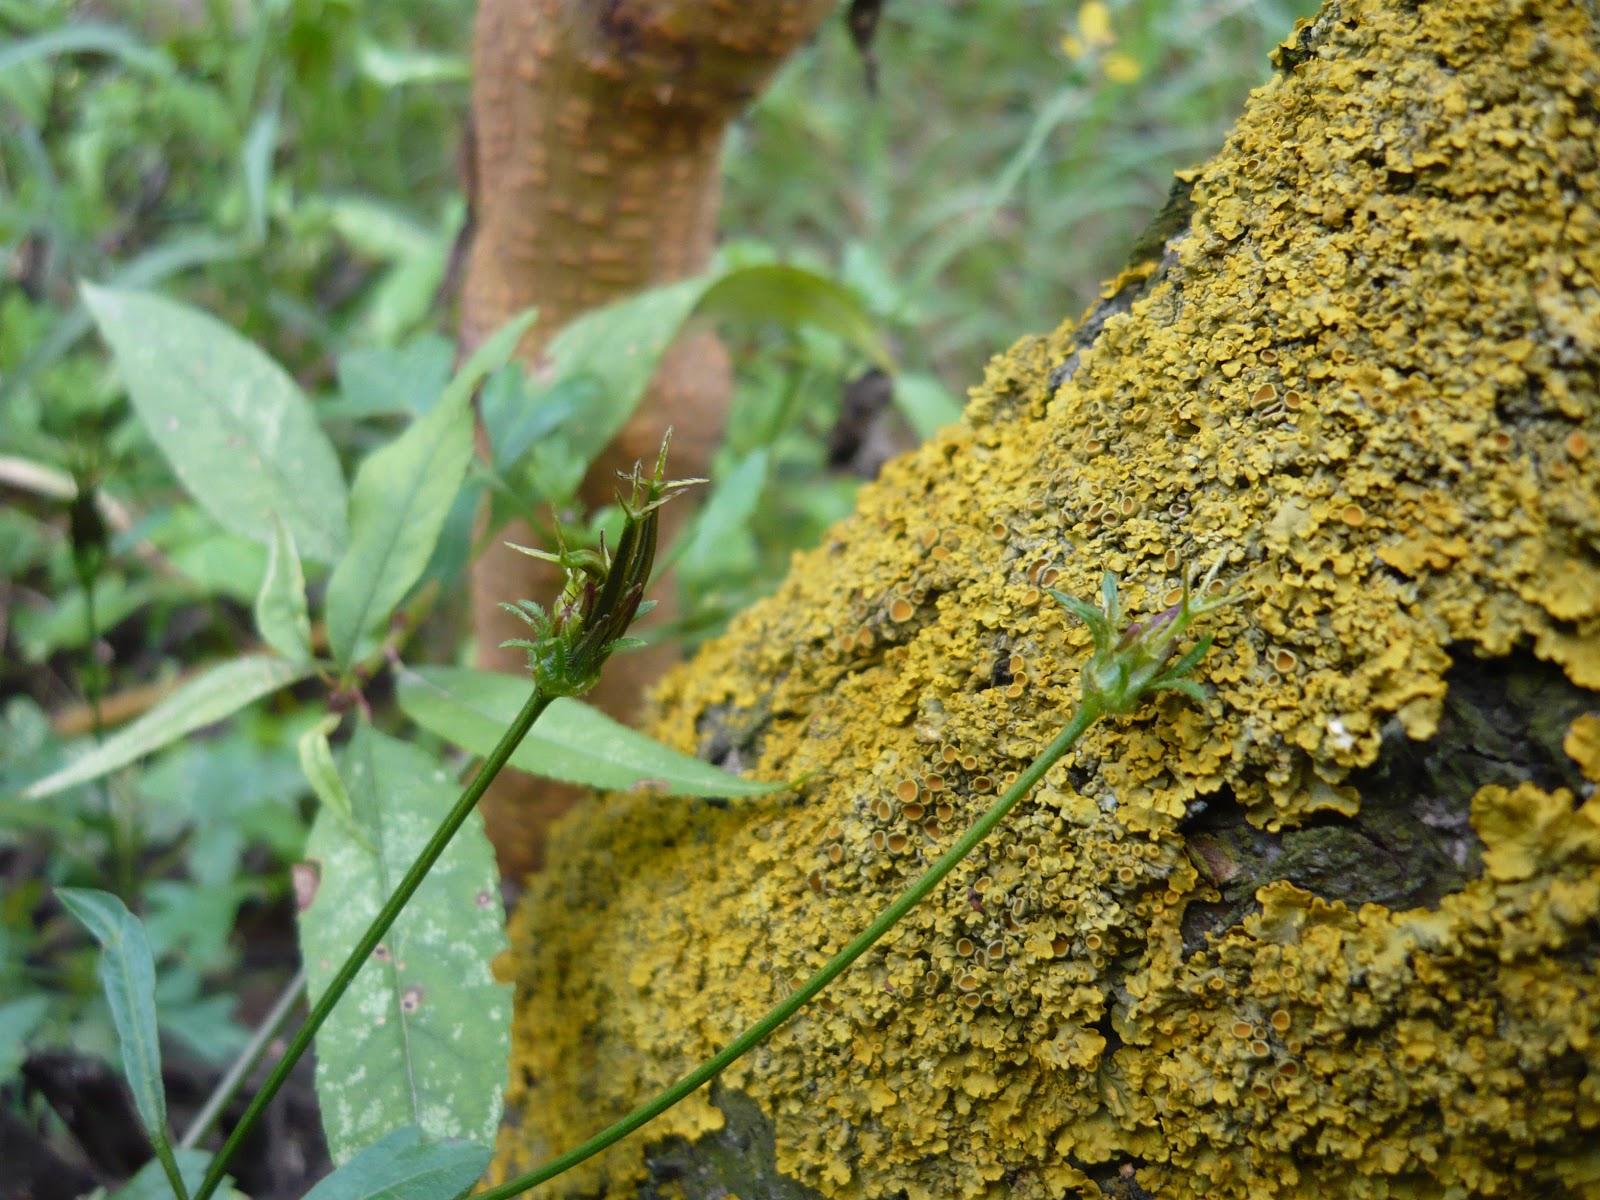 http://2.bp.blogspot.com/-ye5-GeM8edA/UYnkeeOoE7I/AAAAAAAAAKQ/GwxY-7l5UbI/s1600/Stem+covered+with+yellow+moss.jpg